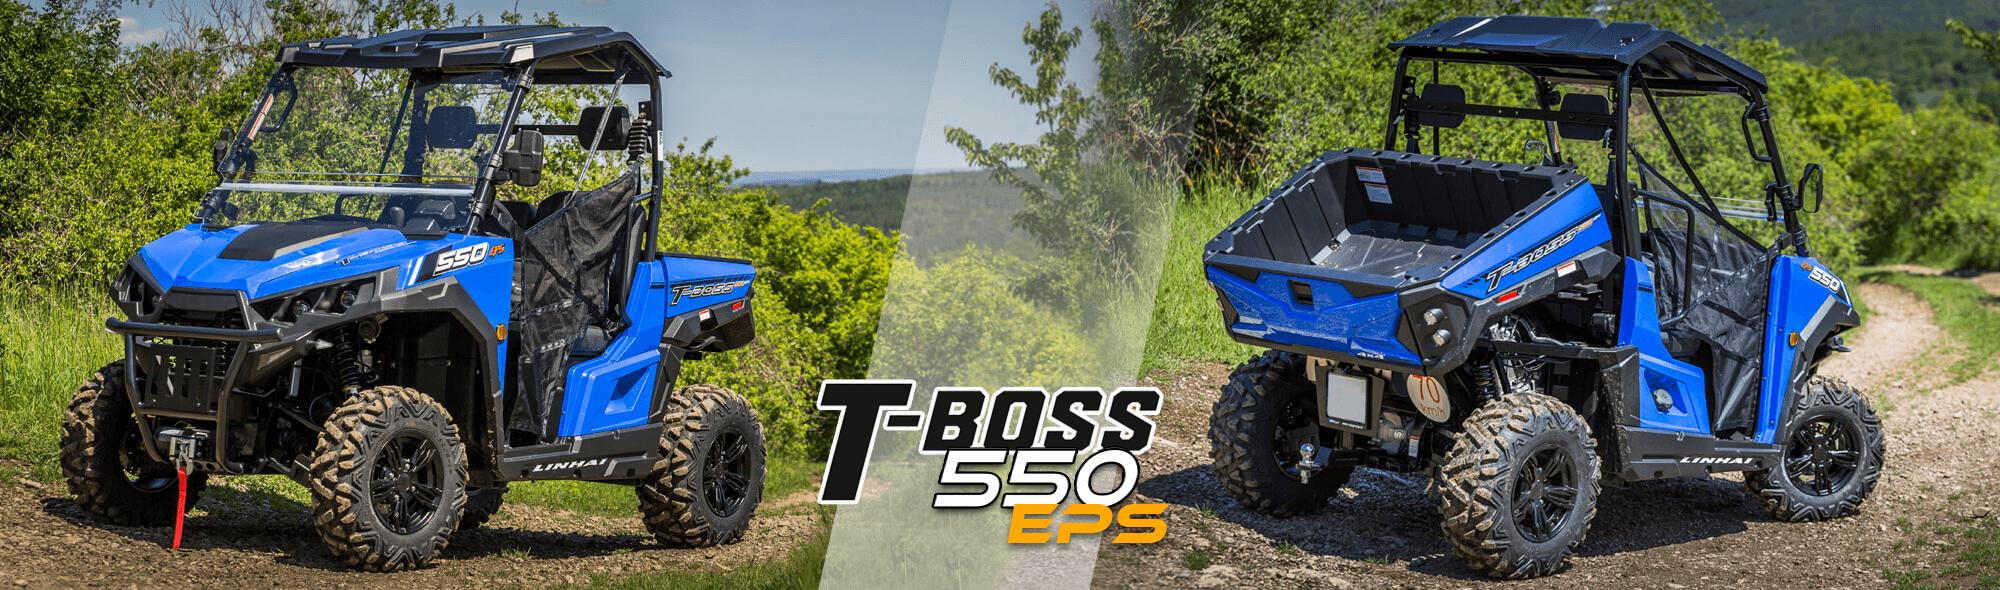 linhai-t-boss-550-eps